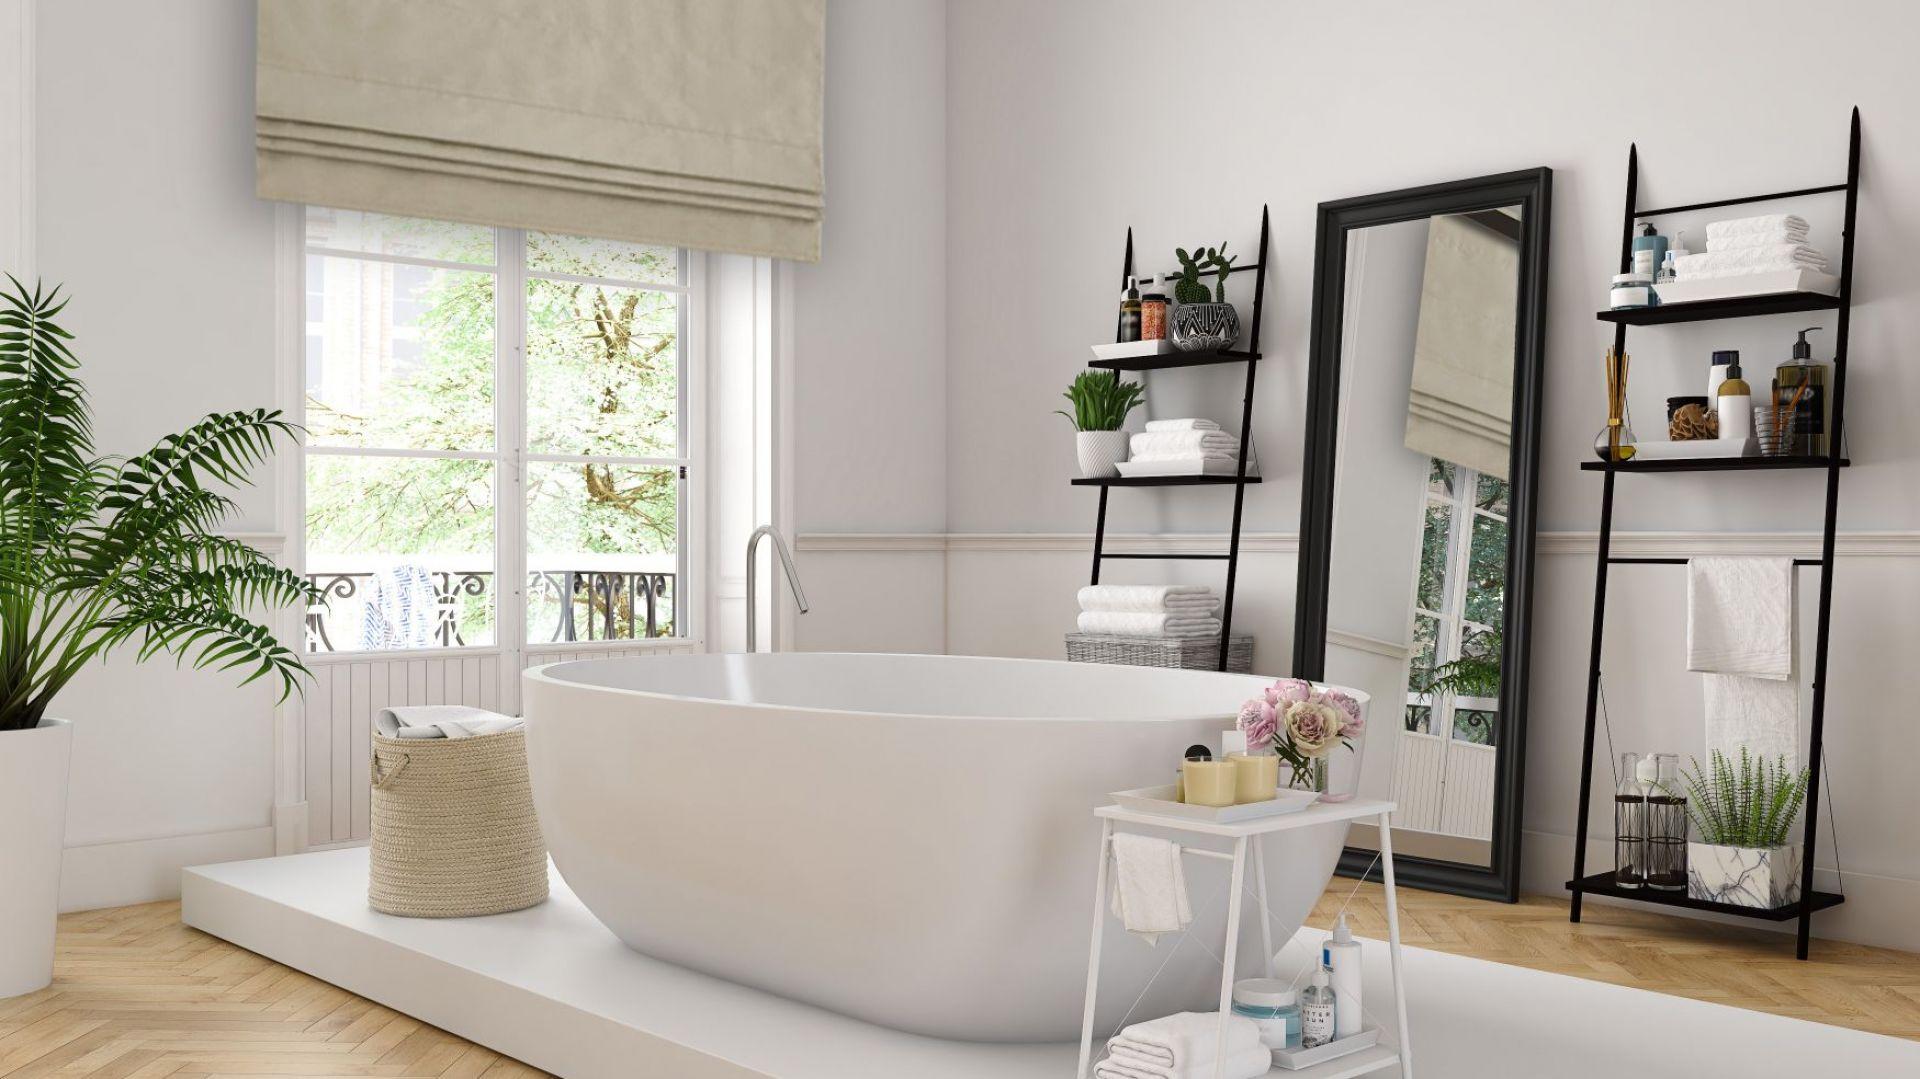 Klasyczne rolety materiałowe ze względu na właściwości tkanin roletowych, które – jako niechłonące wilgoci i łatwe w czyszczeniu – stanowią bardzo użyteczne i bezpieczne rozwiązanie w łazienkach. Fot. Marcin Dekor